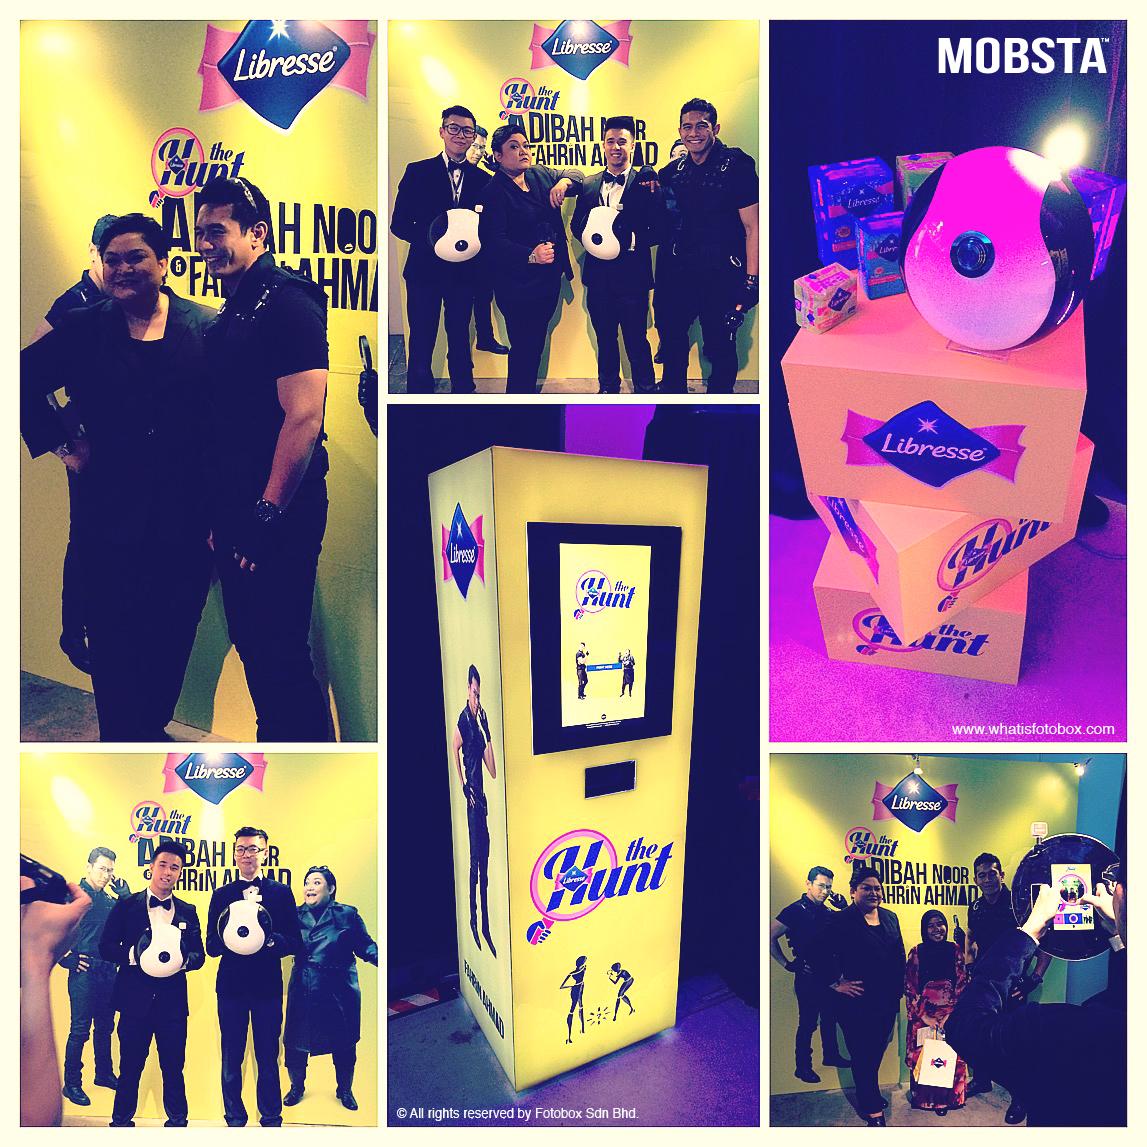 Mobsta Libresse (1).jpg